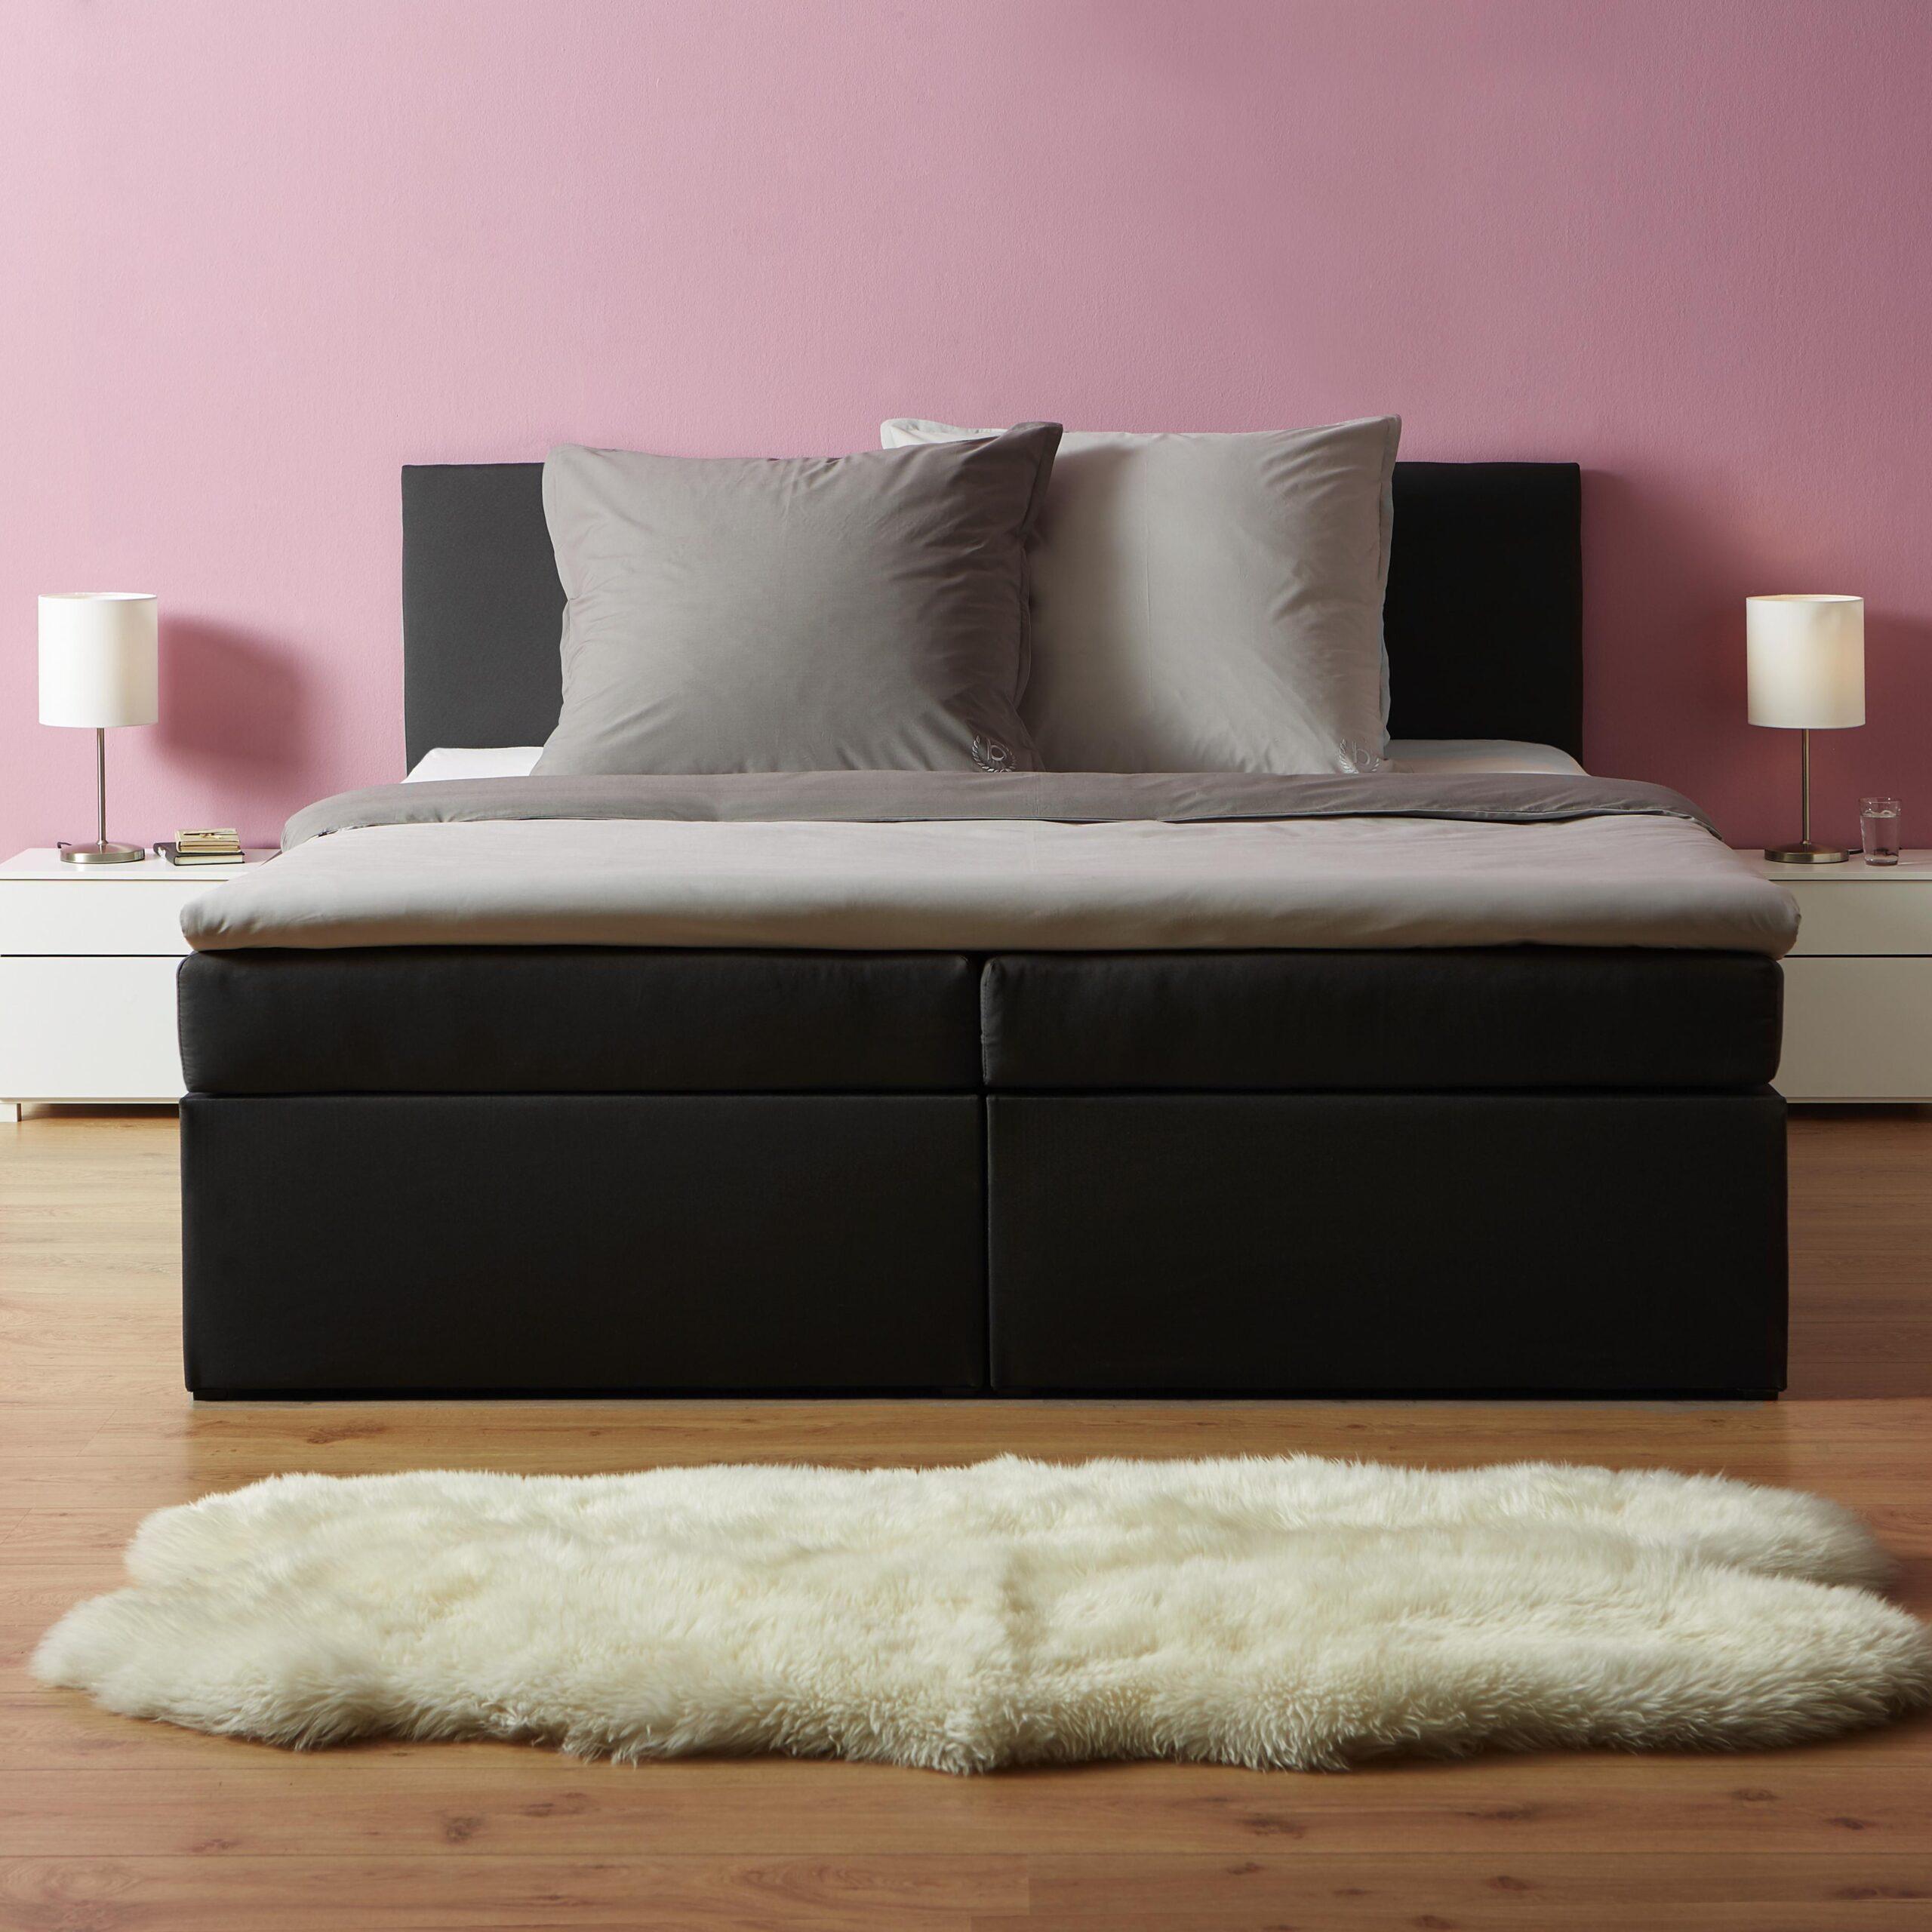 Full Size of Stauraum Bett 120x200 Ikea Betten Entdecken Mmax Pinolino Tatami Günstig Kaufen Ohne Kopfteil Paradies 200x200 Für Baza Landhaus Weißes 160x200 München Zum Wohnzimmer Stauraum Bett 120x200 Ikea